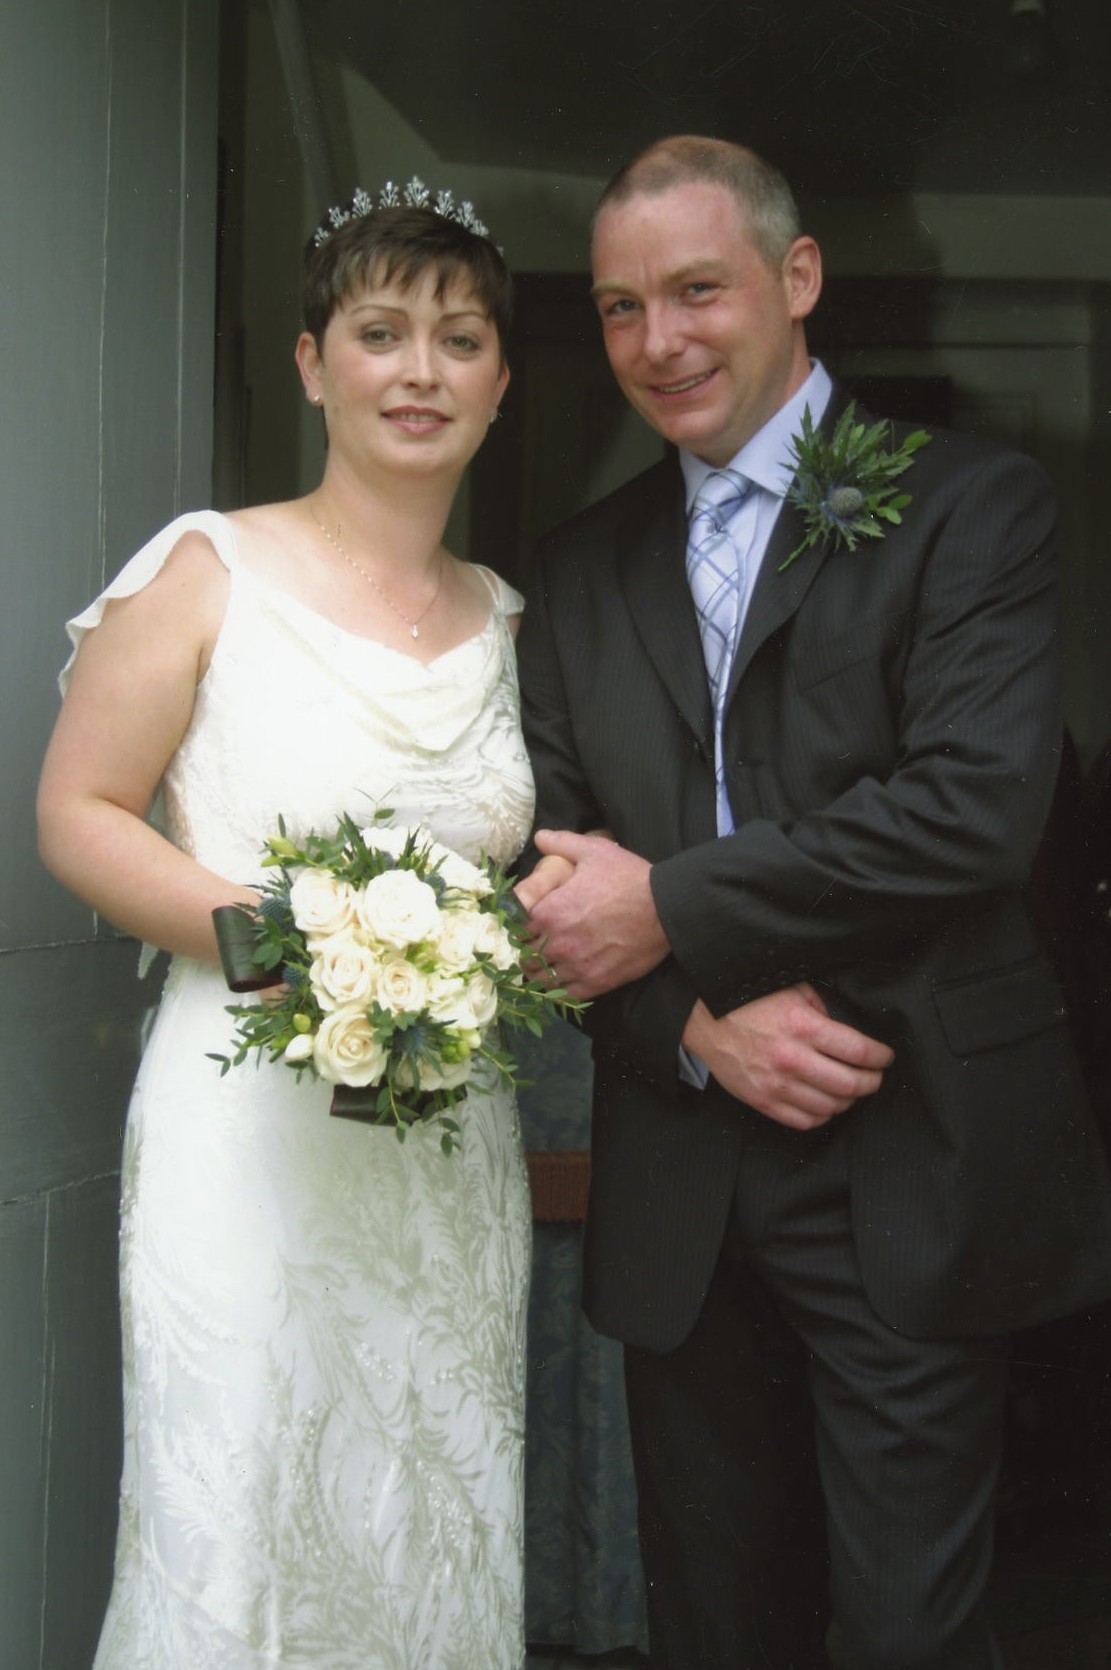 Geoff Mannian & Aileen Baker's Wedding